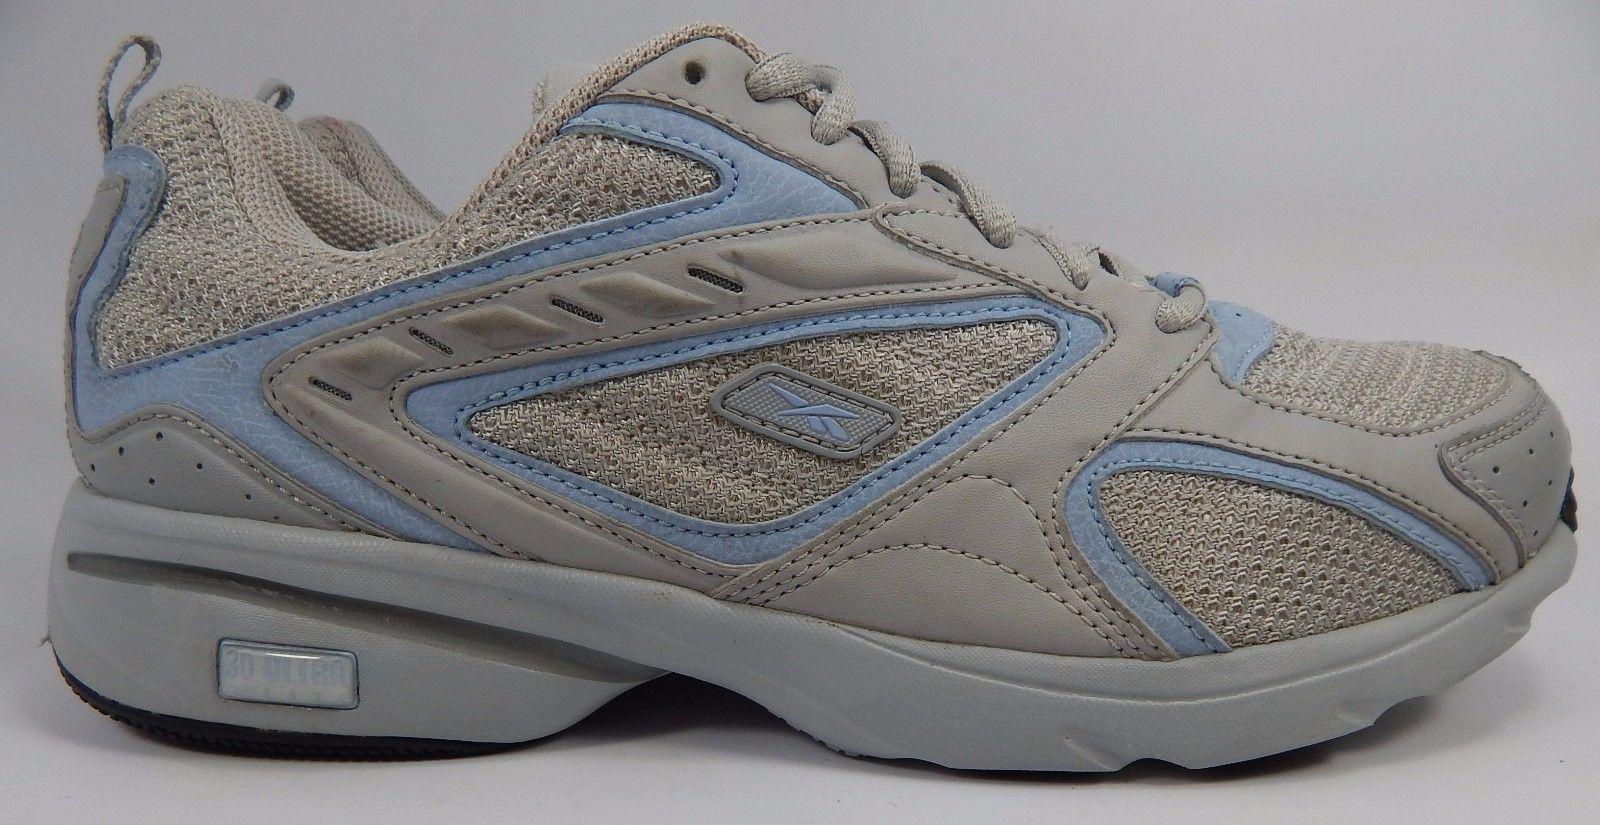 Reebok 3D Ultra Lite Women's Running Shoes Size US 8.5 M (B) EU 39 Gray